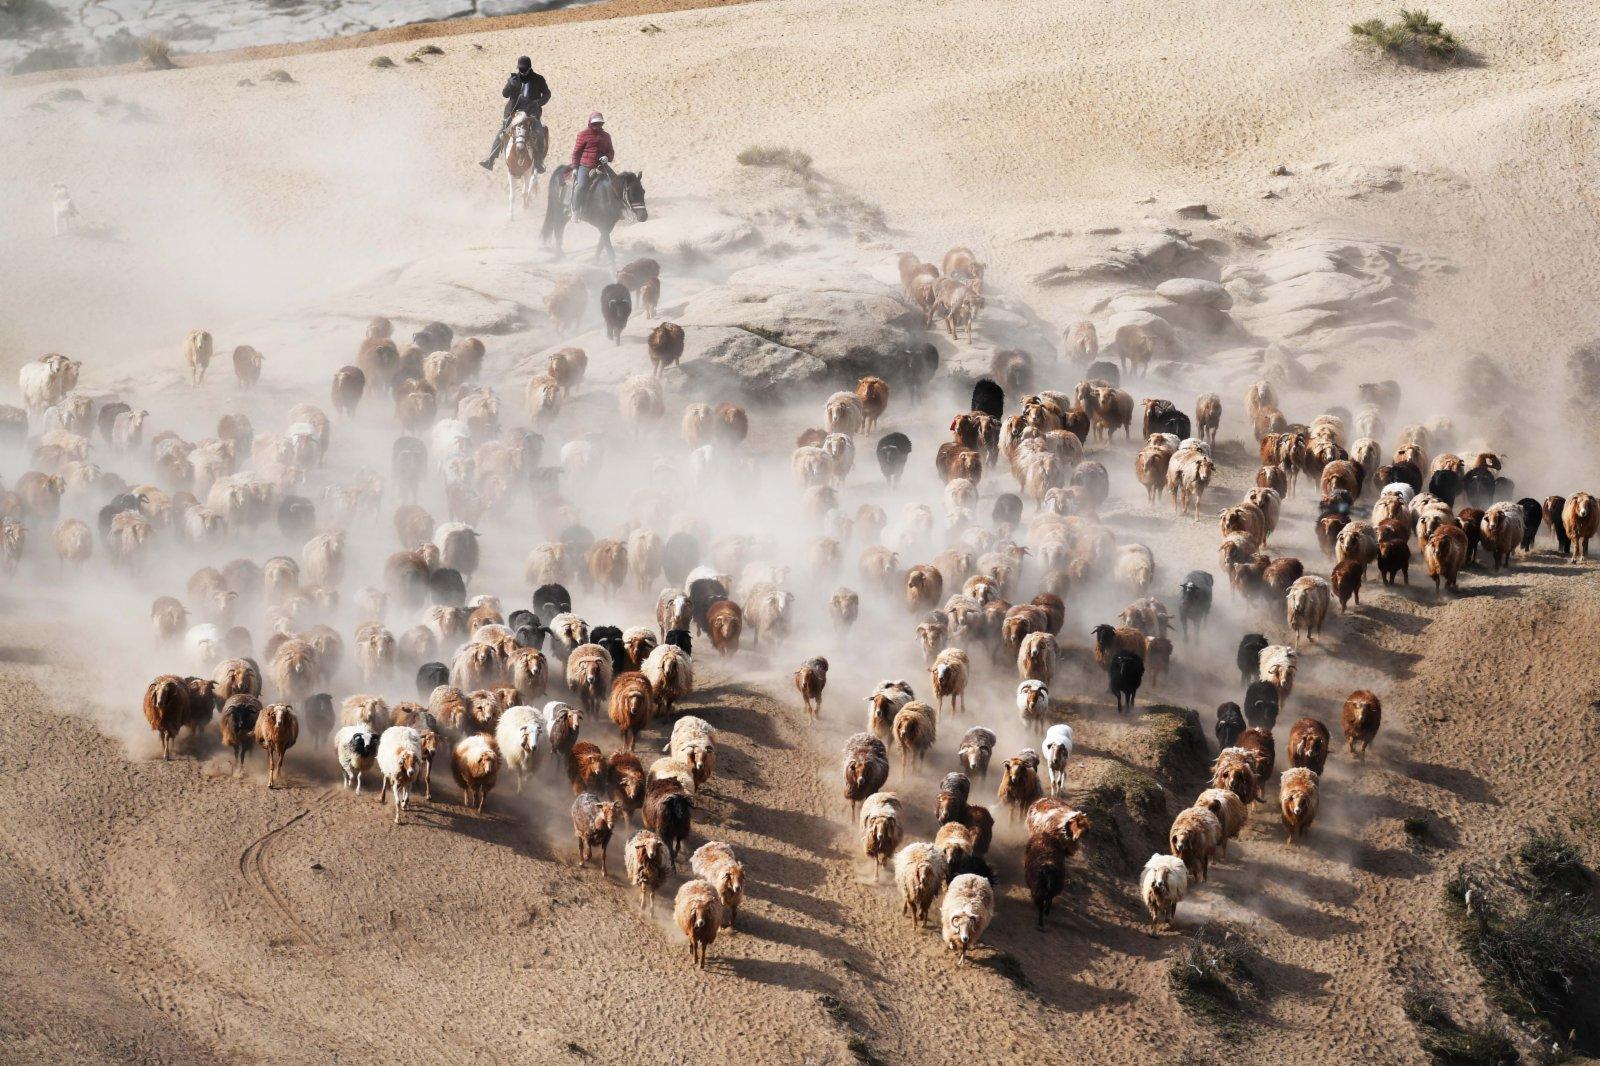 6月5日,在新疆阿勒泰地區福海縣沙爾布拉克春秋牧場的牧道上,牧民趕着牲畜向夏季牧場遷徙。(新華社)